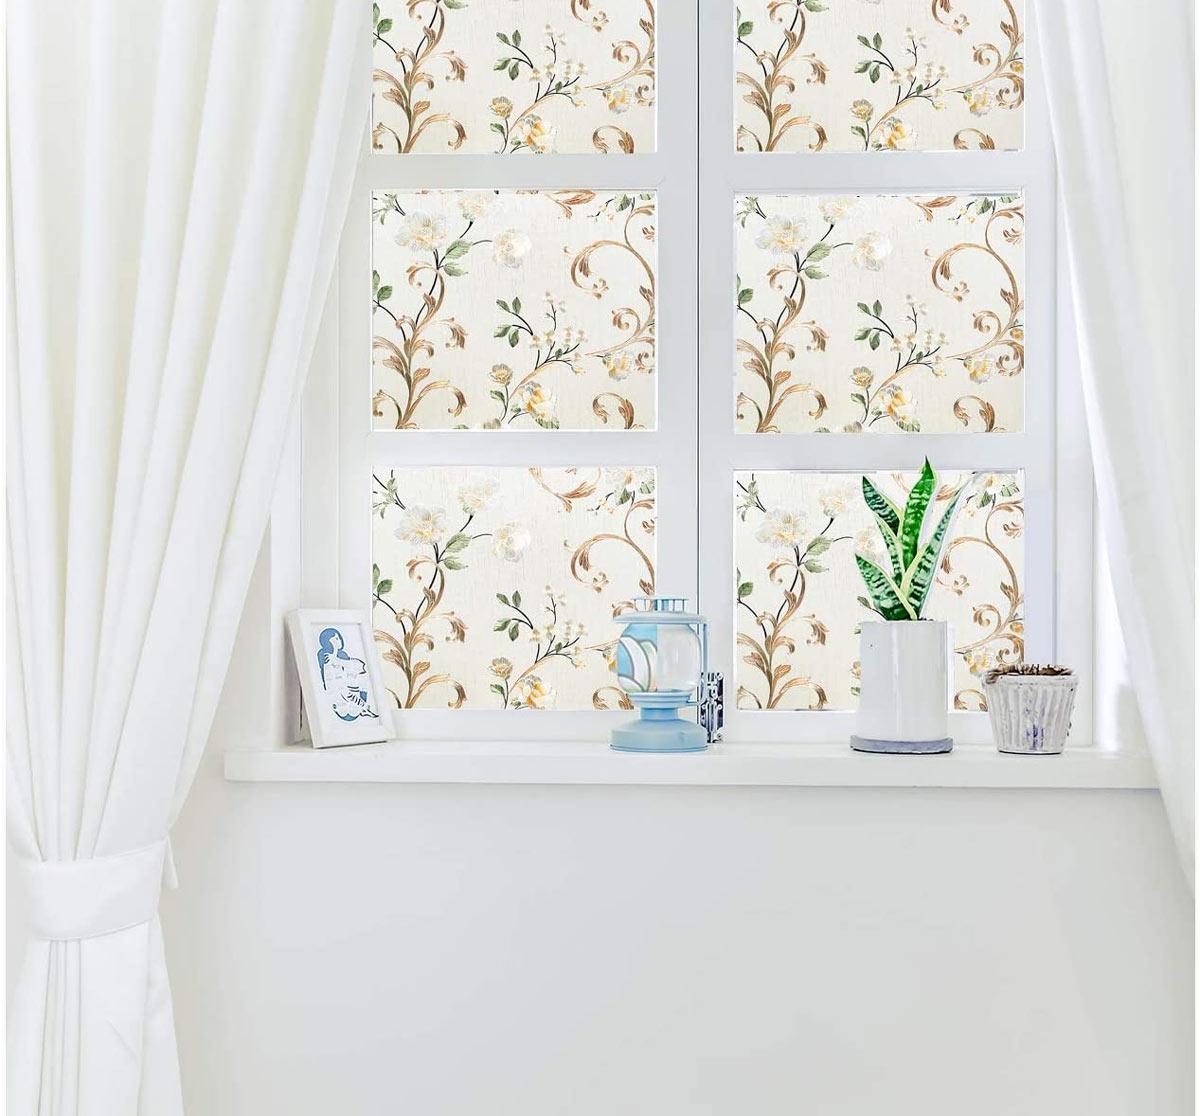 Decorare le finestre con gli adesivi